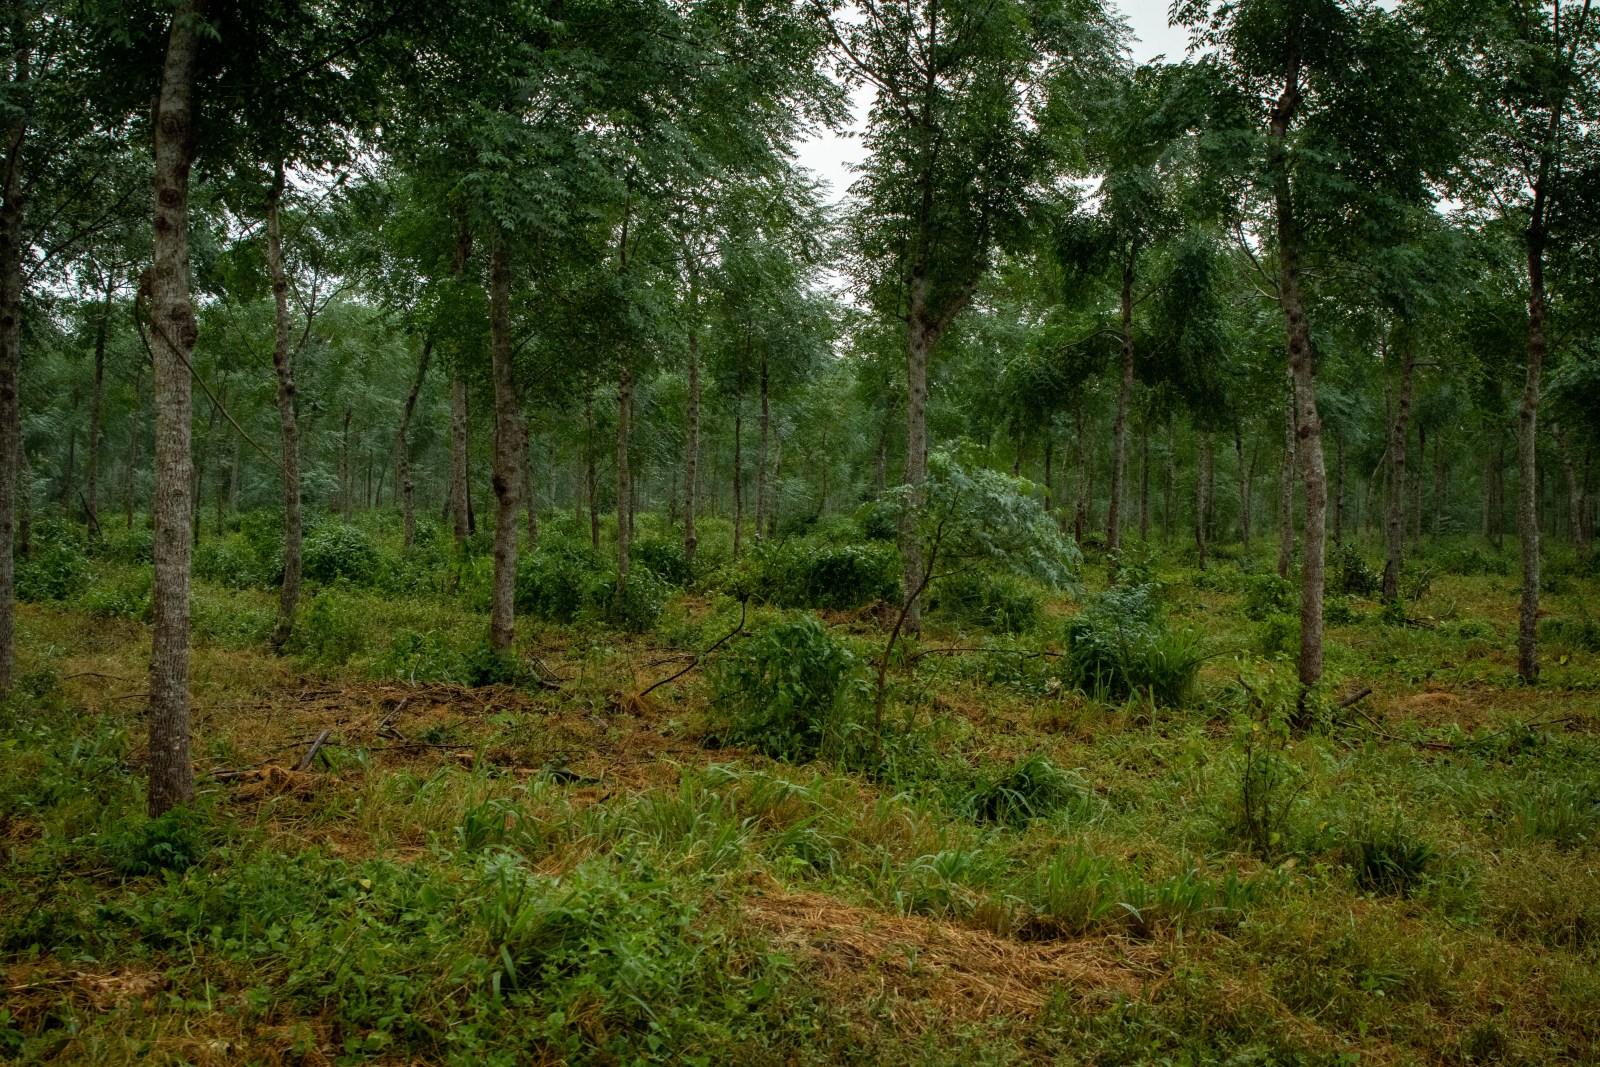 Foto taget när vi körde genom plantagen